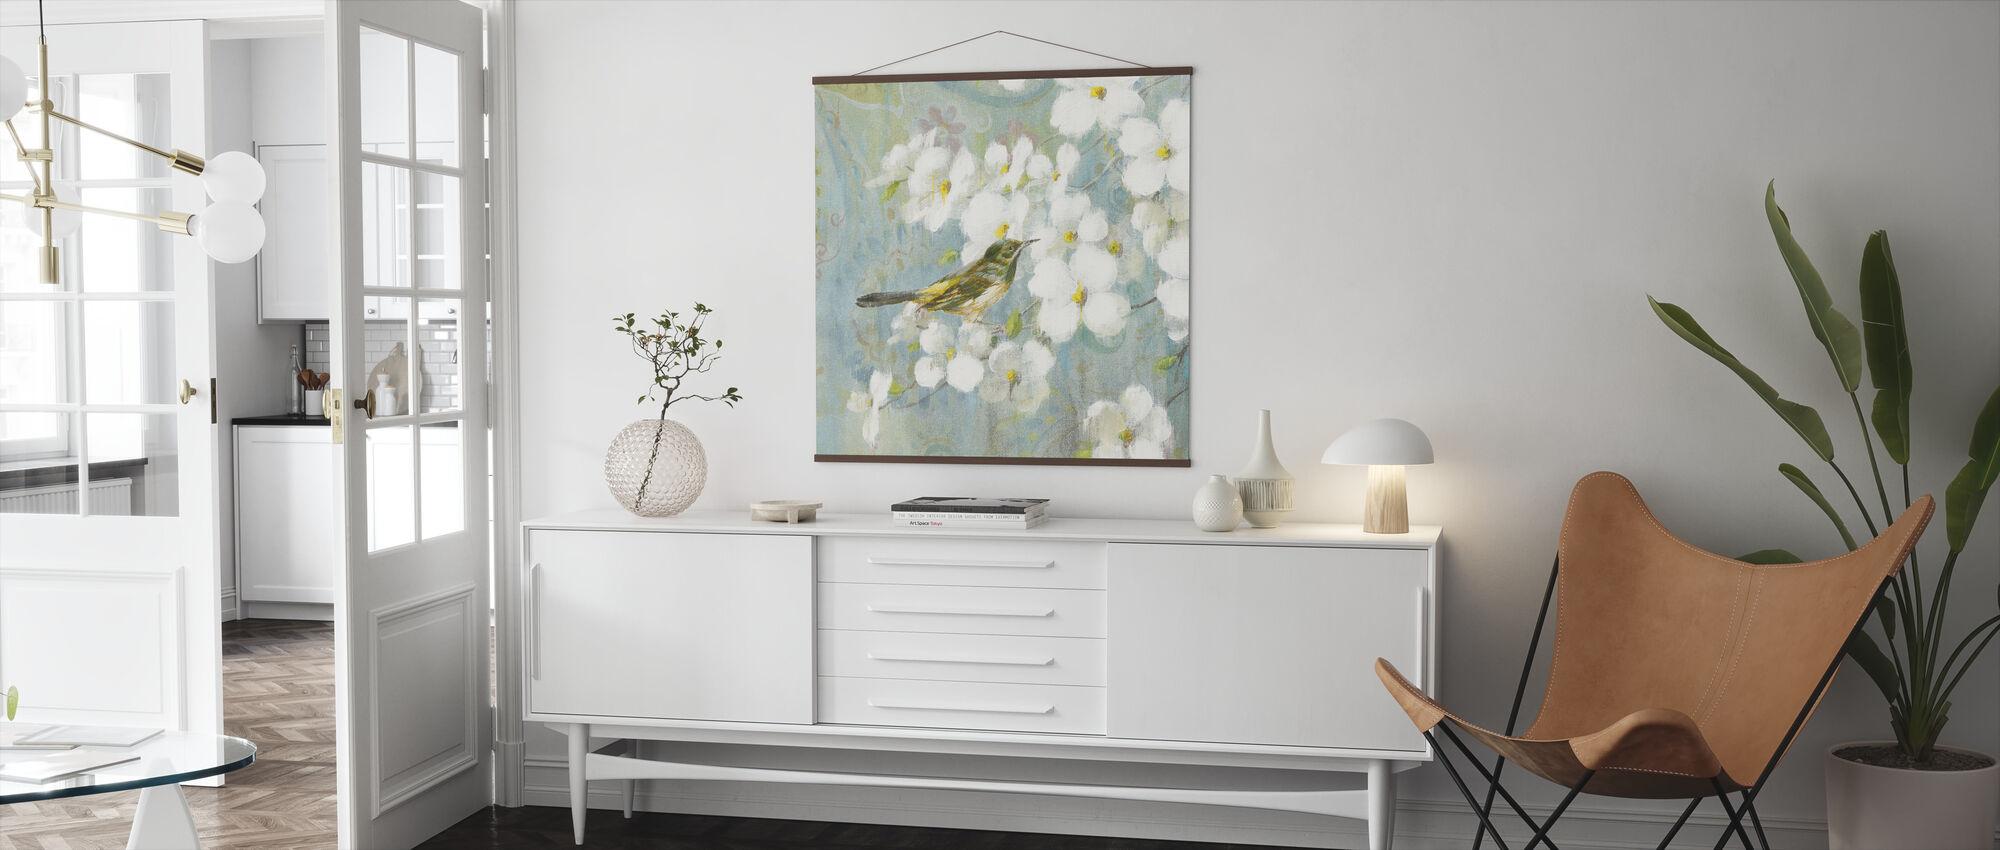 Våren dröm 3 - Poster - Vardagsrum